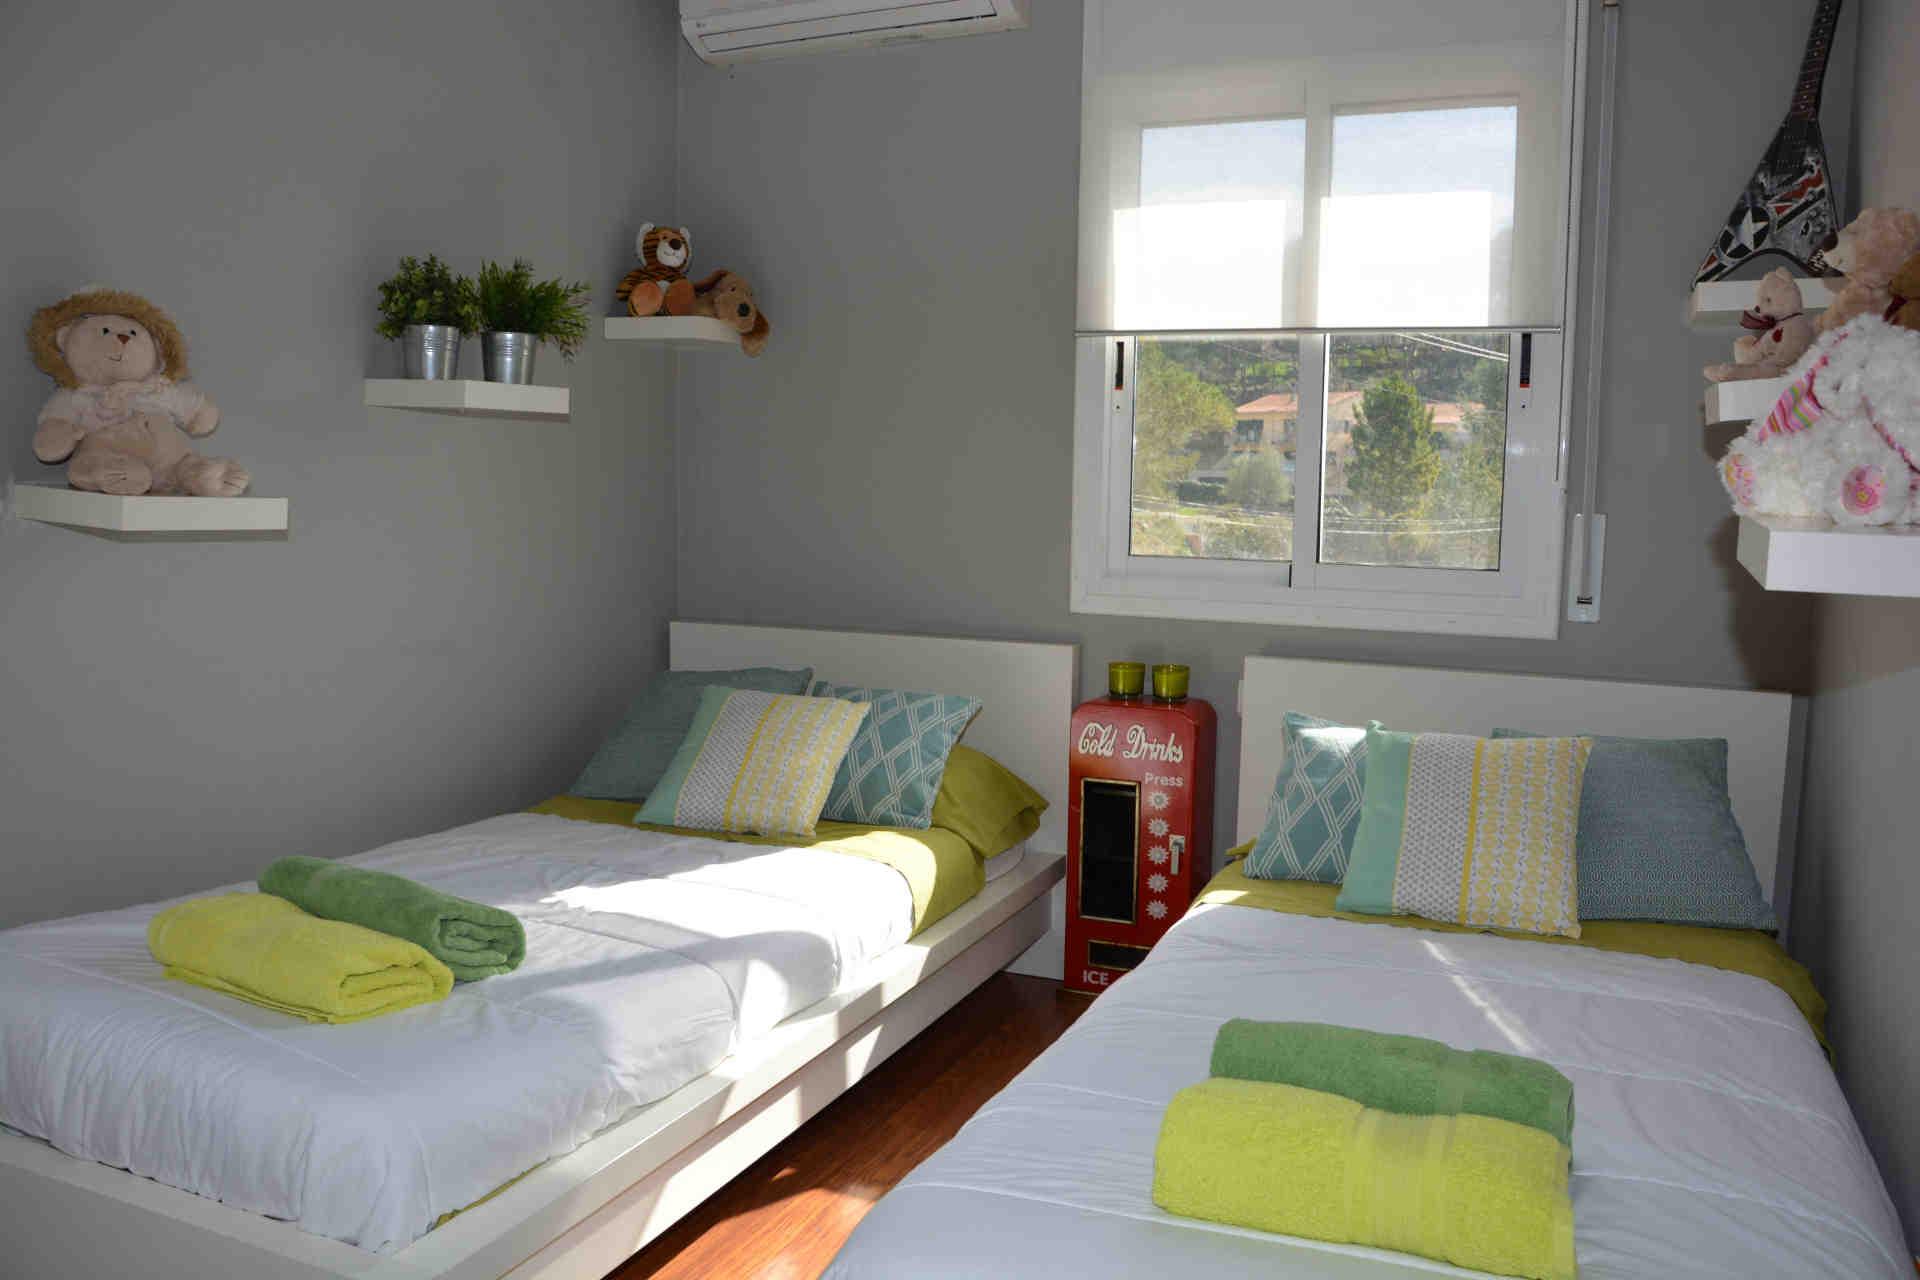 Tercera habitación doble en el chalet para vacaciones con camas individuales